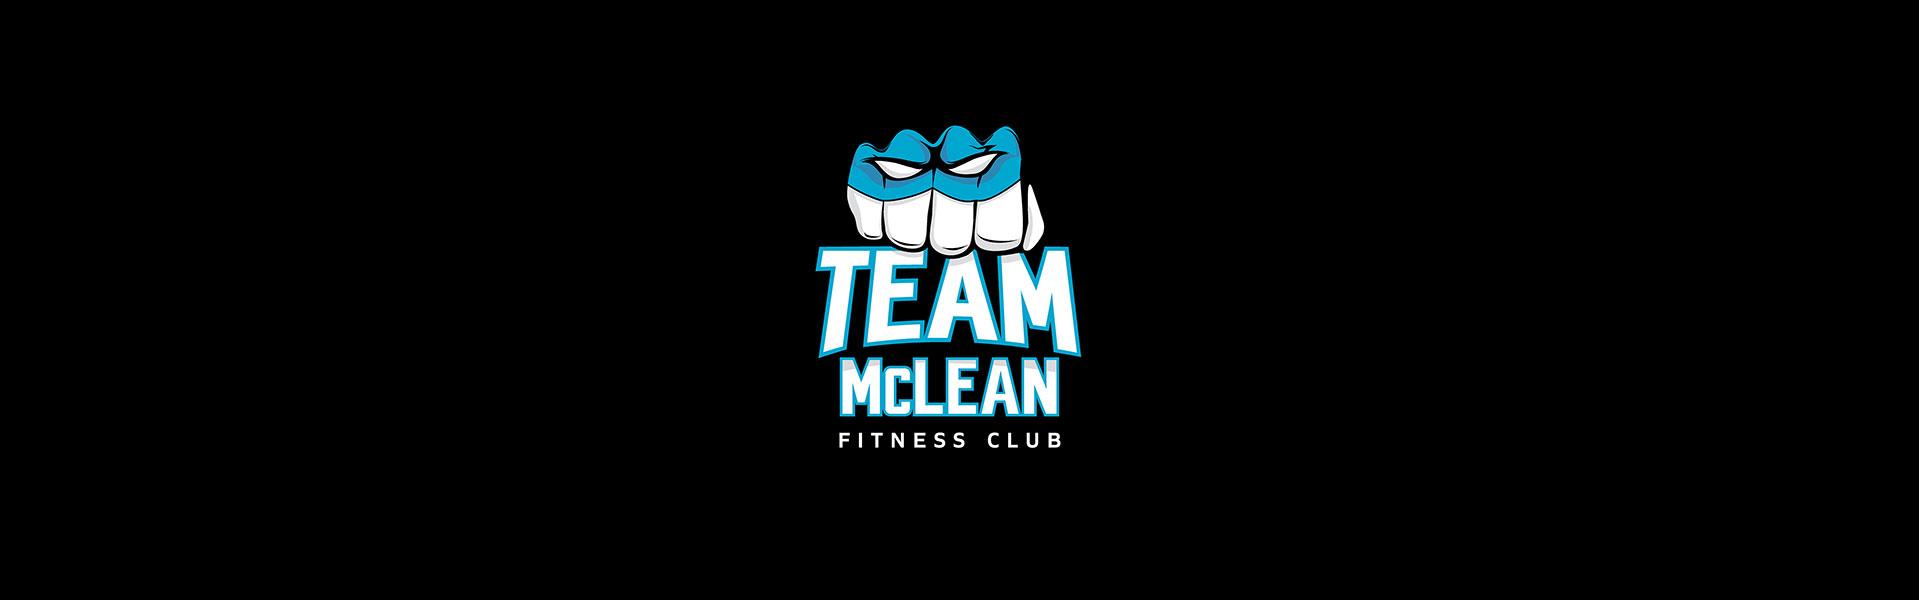 Team McLean logo